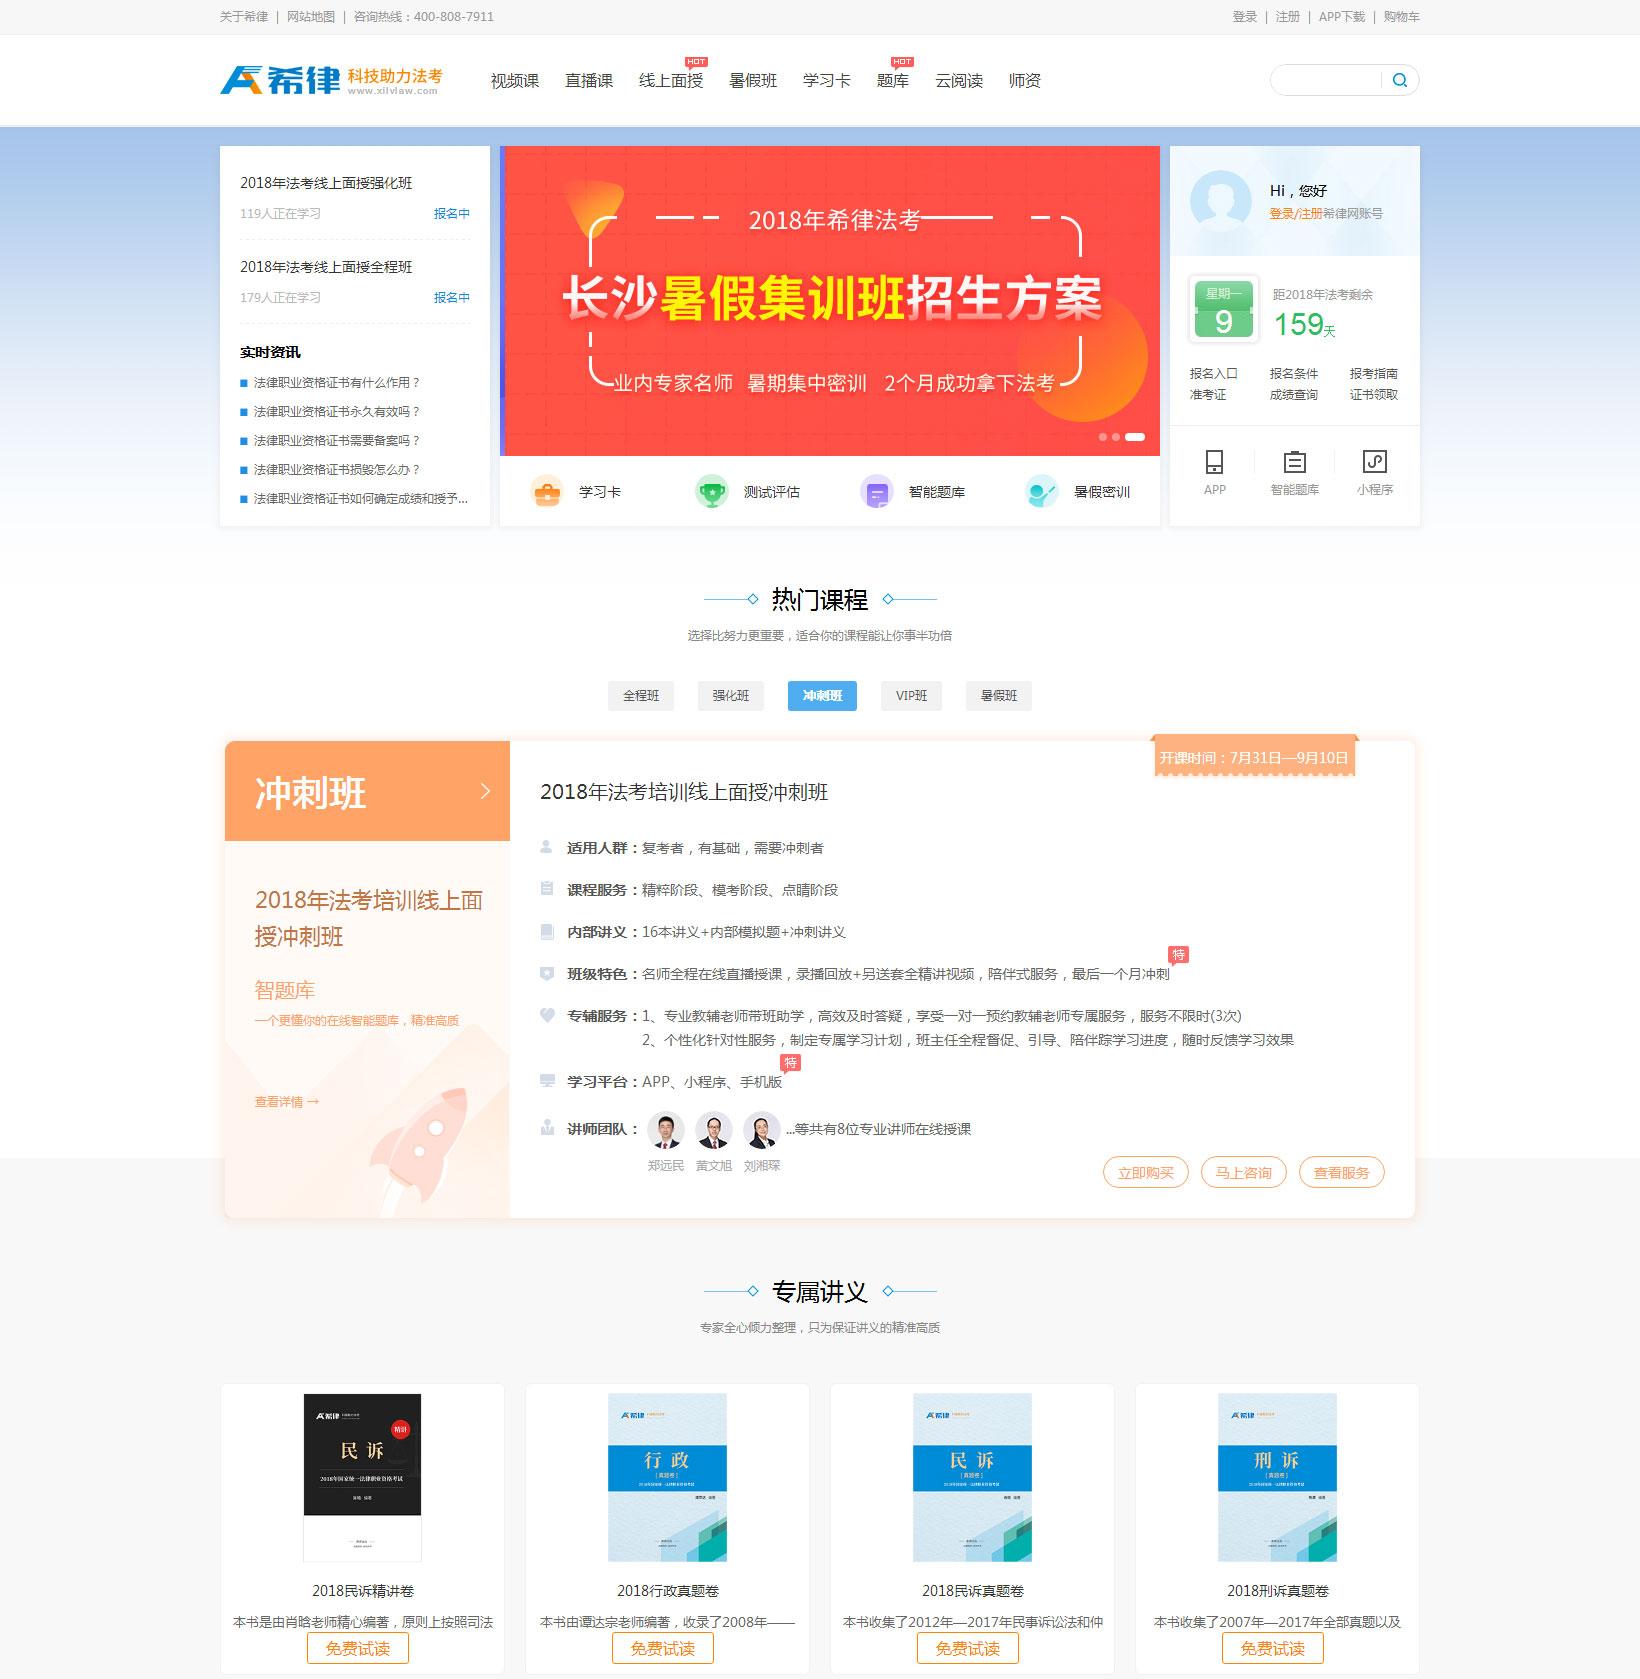 湖南希律网络科技有限公司